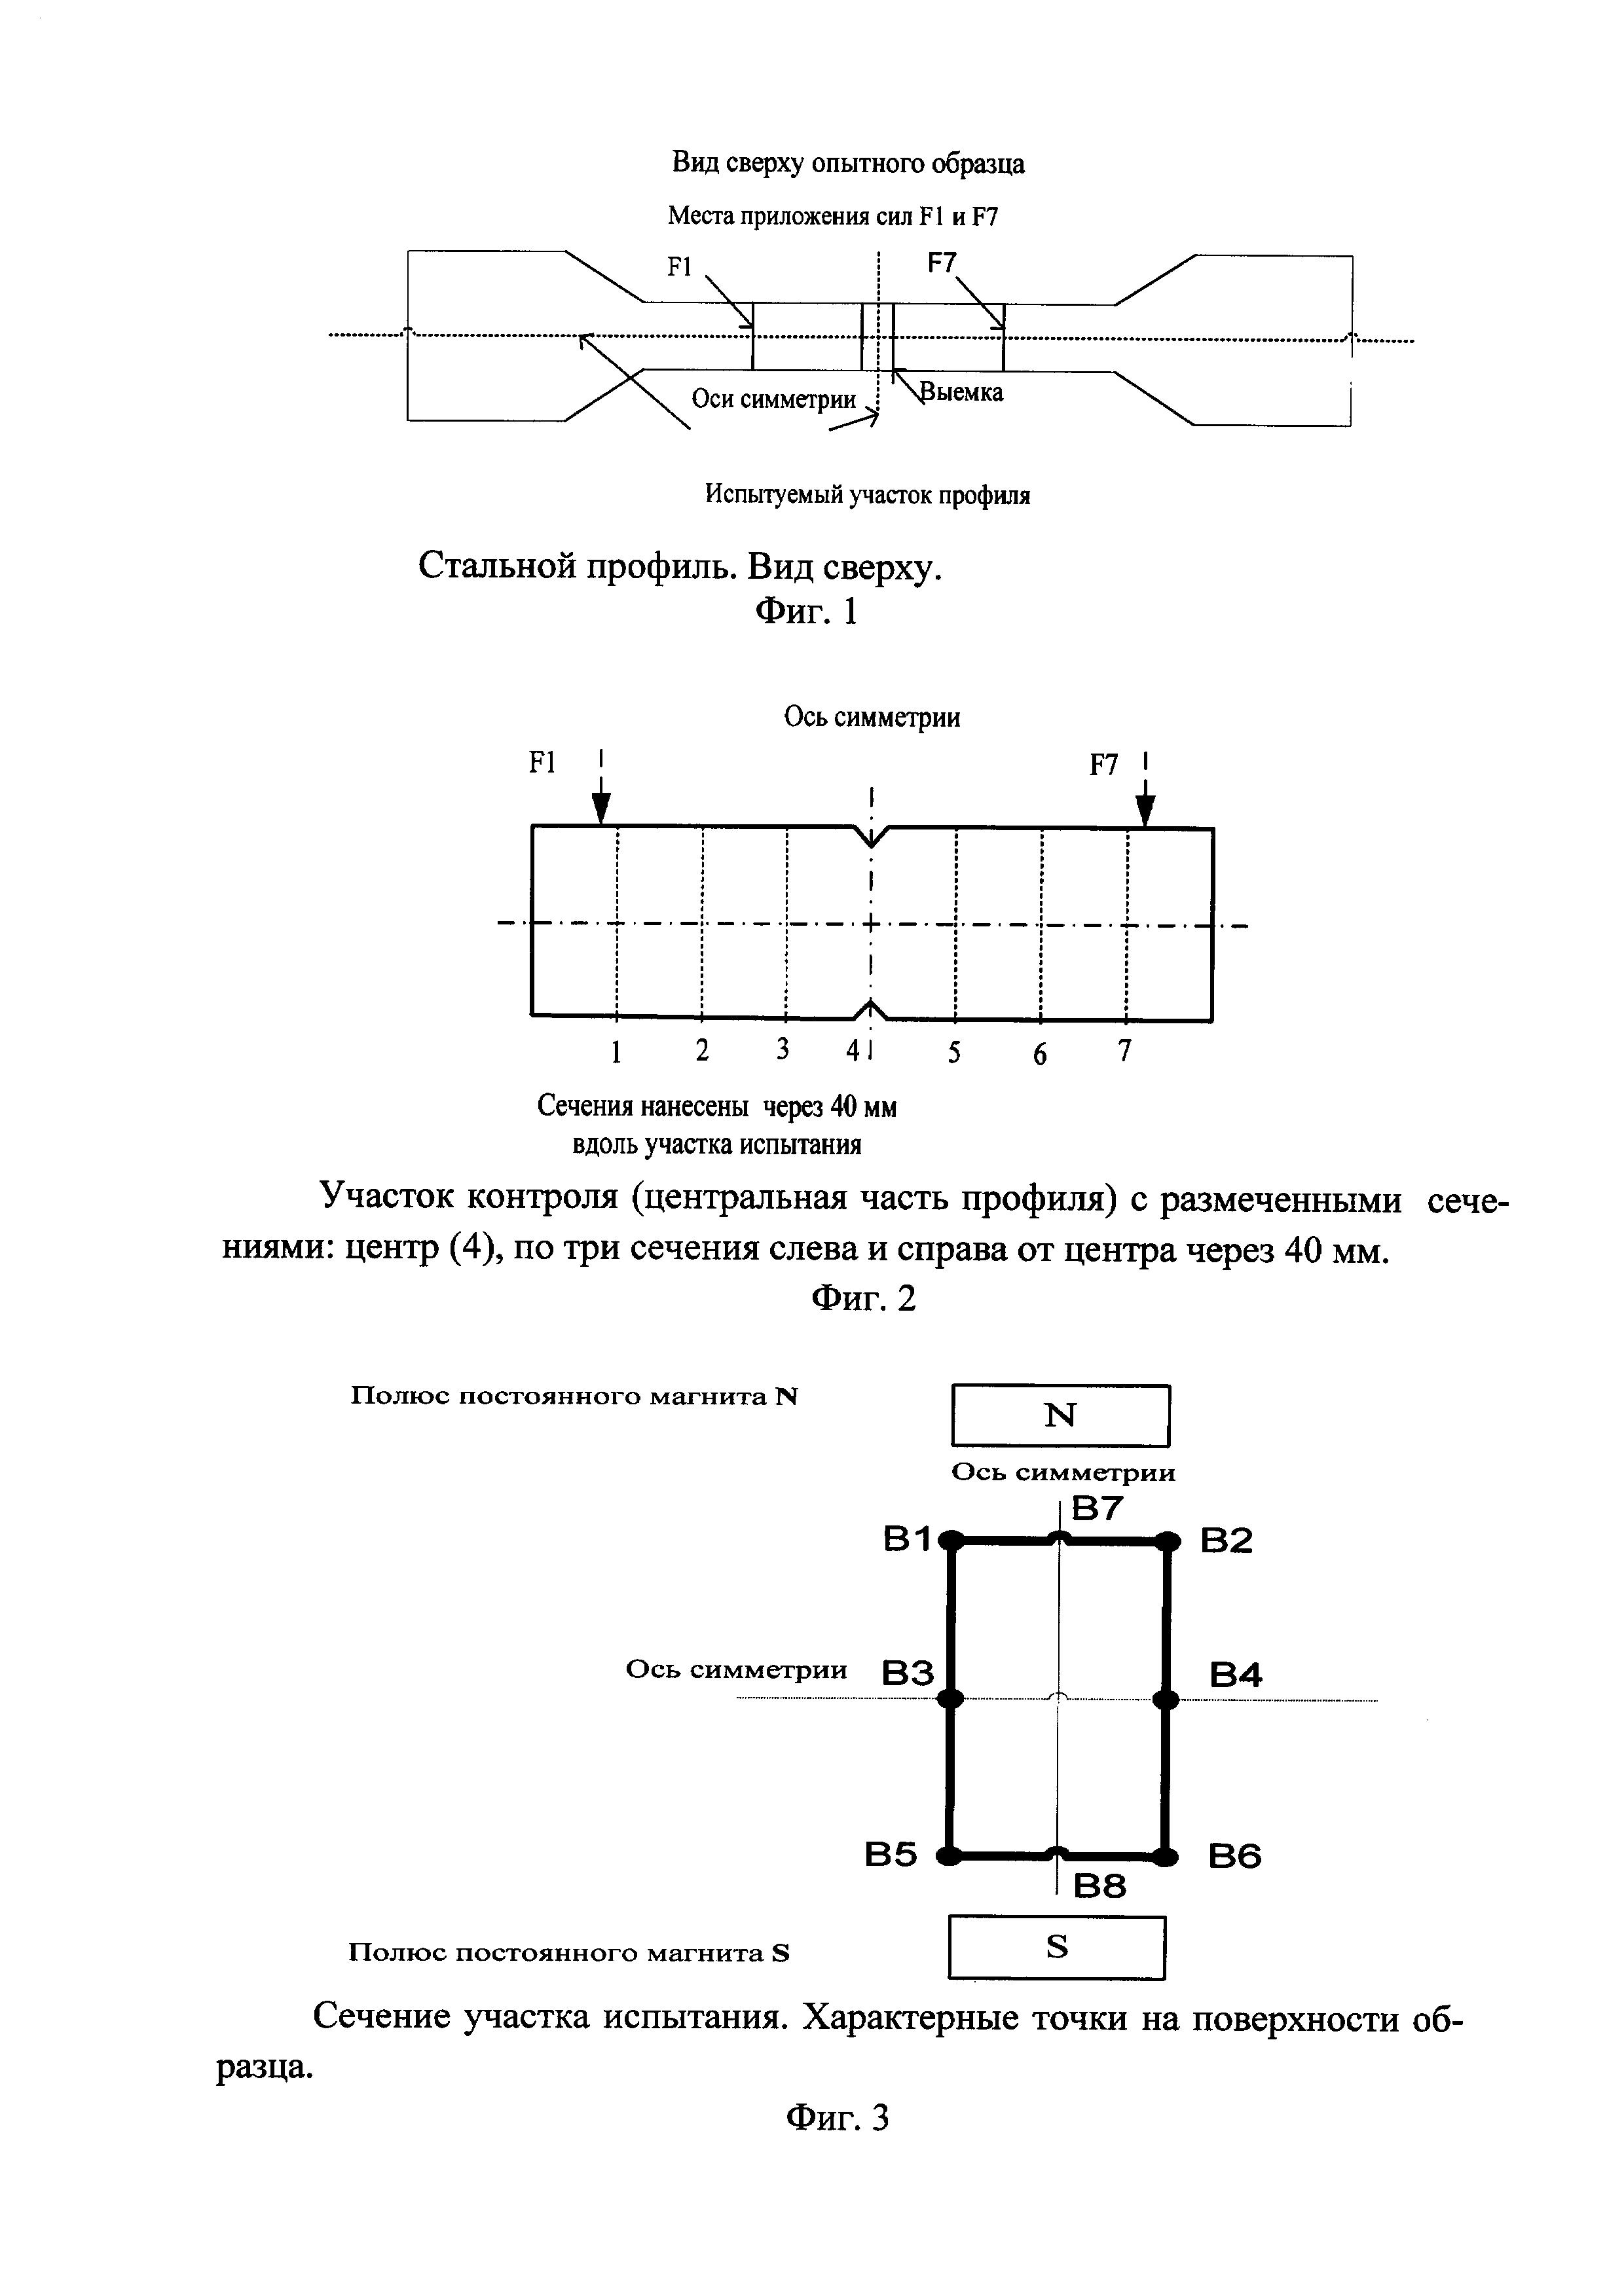 Способ оценки изгибных напряжений в элементах конструкций